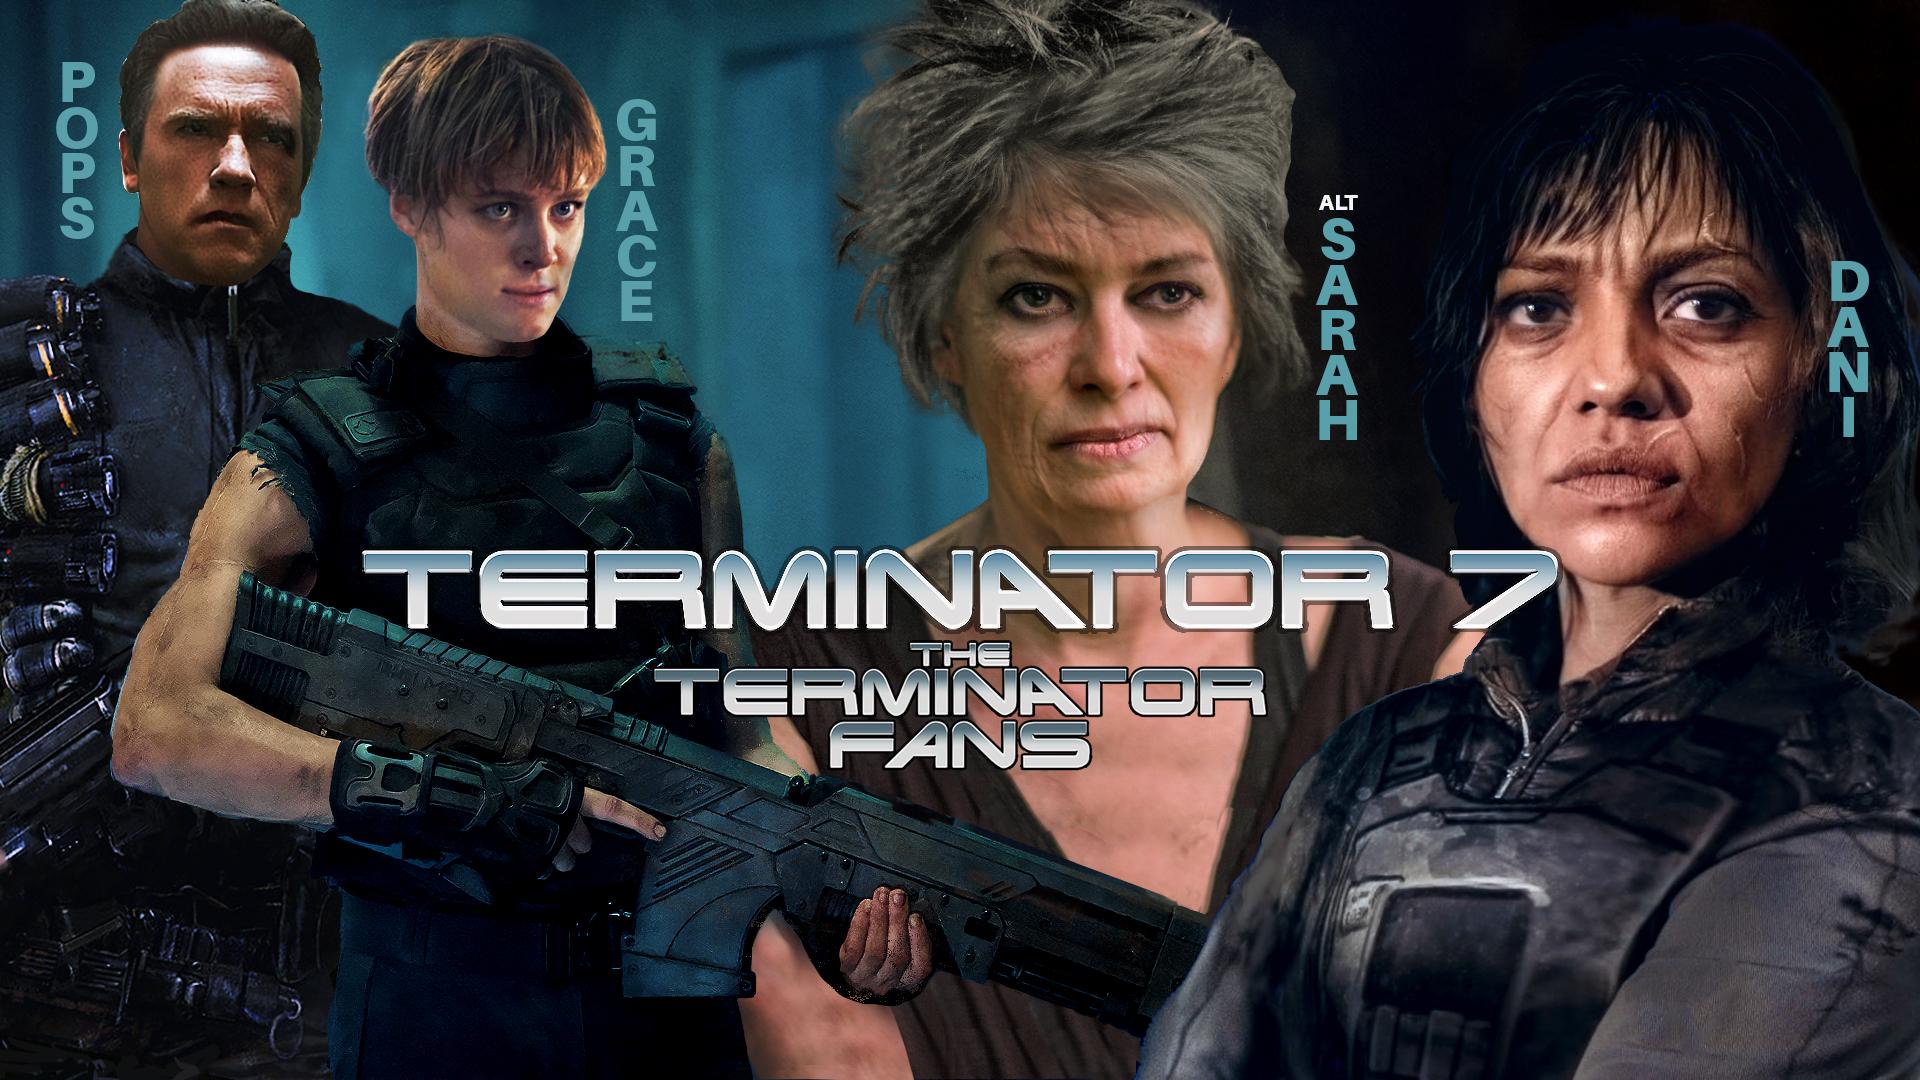 Terminator 7 - Mackenzie Davis Talks Grace Harper Return in Terminator: Dark Fate Sequel